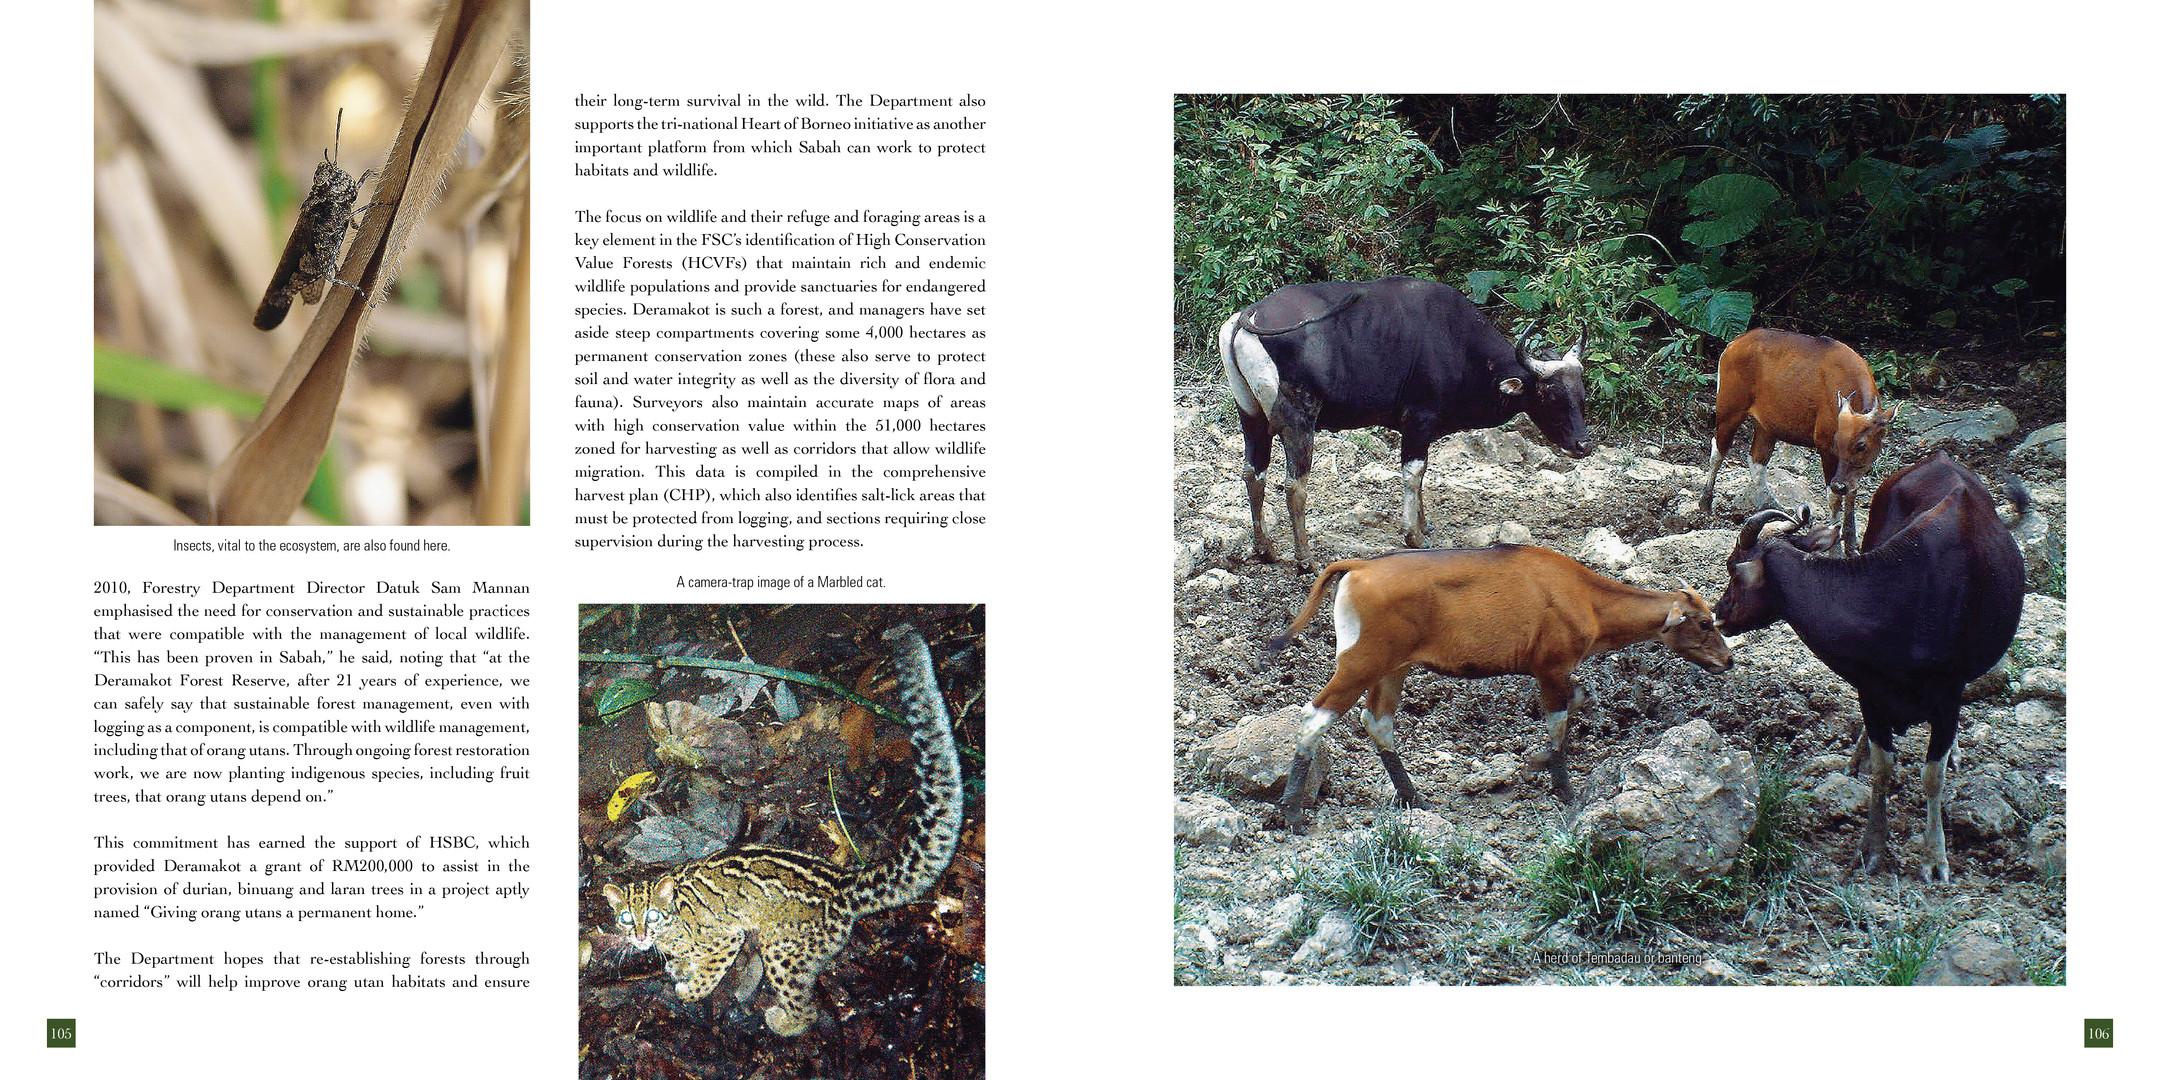 section4_pg95-120 OK.jpg